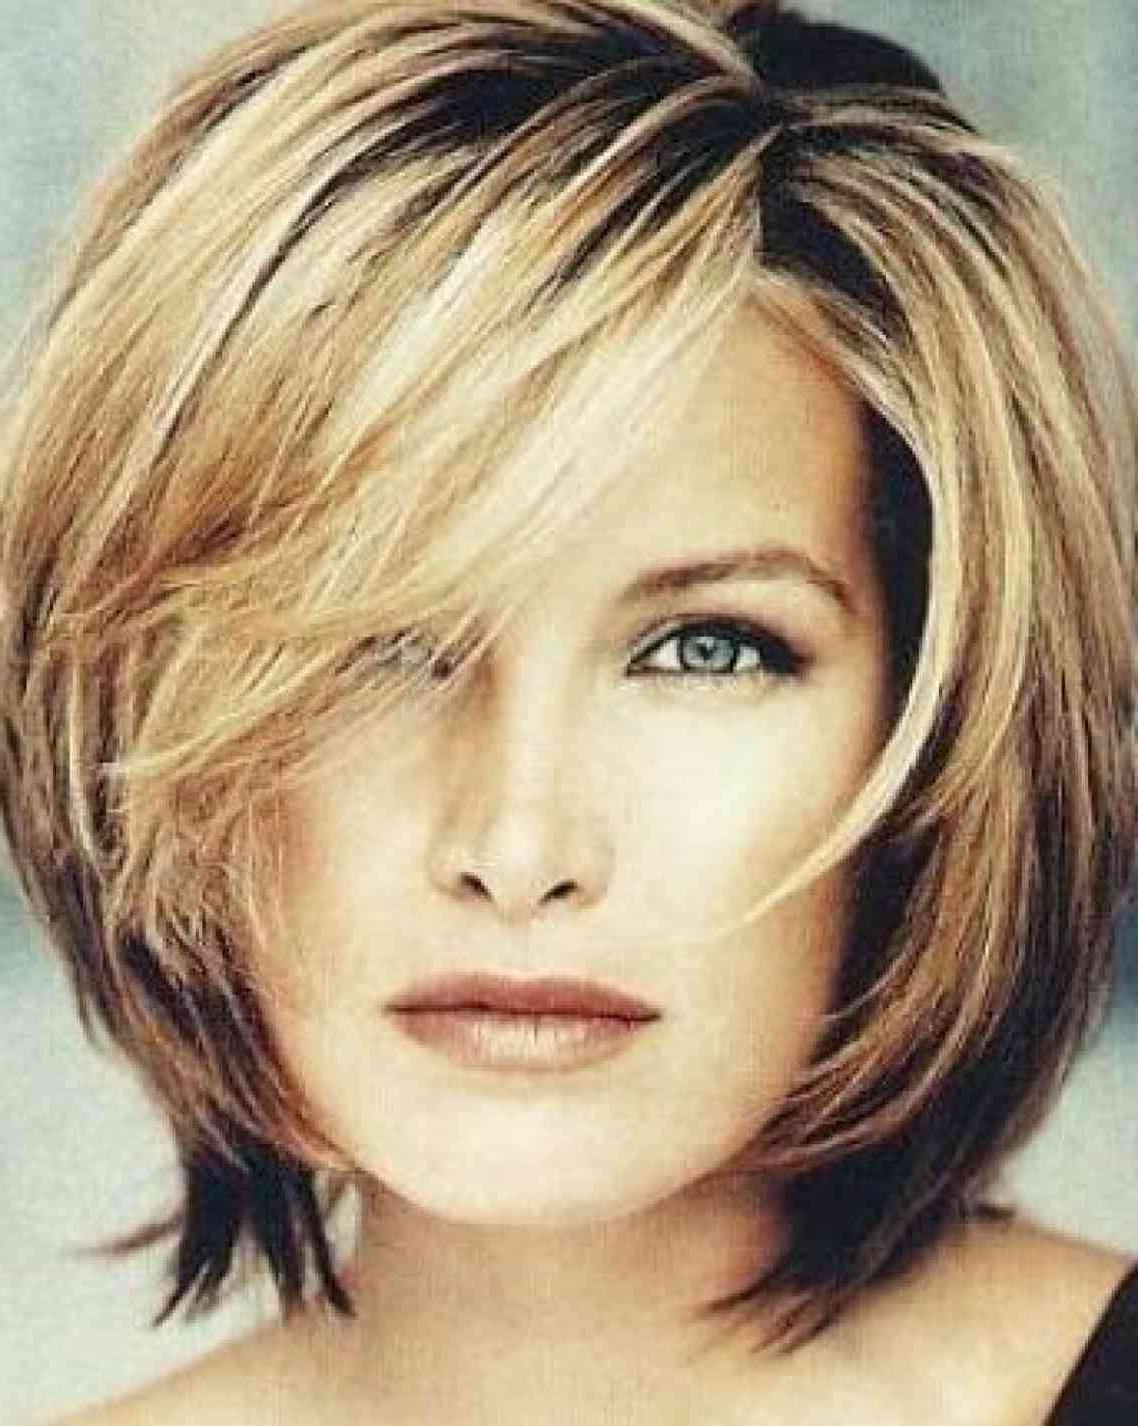 20 Short Feminine Hairstyles For Fine Hair – Razanflight In Short Feminine Hairstyles For Fine Hair (View 18 of 25)